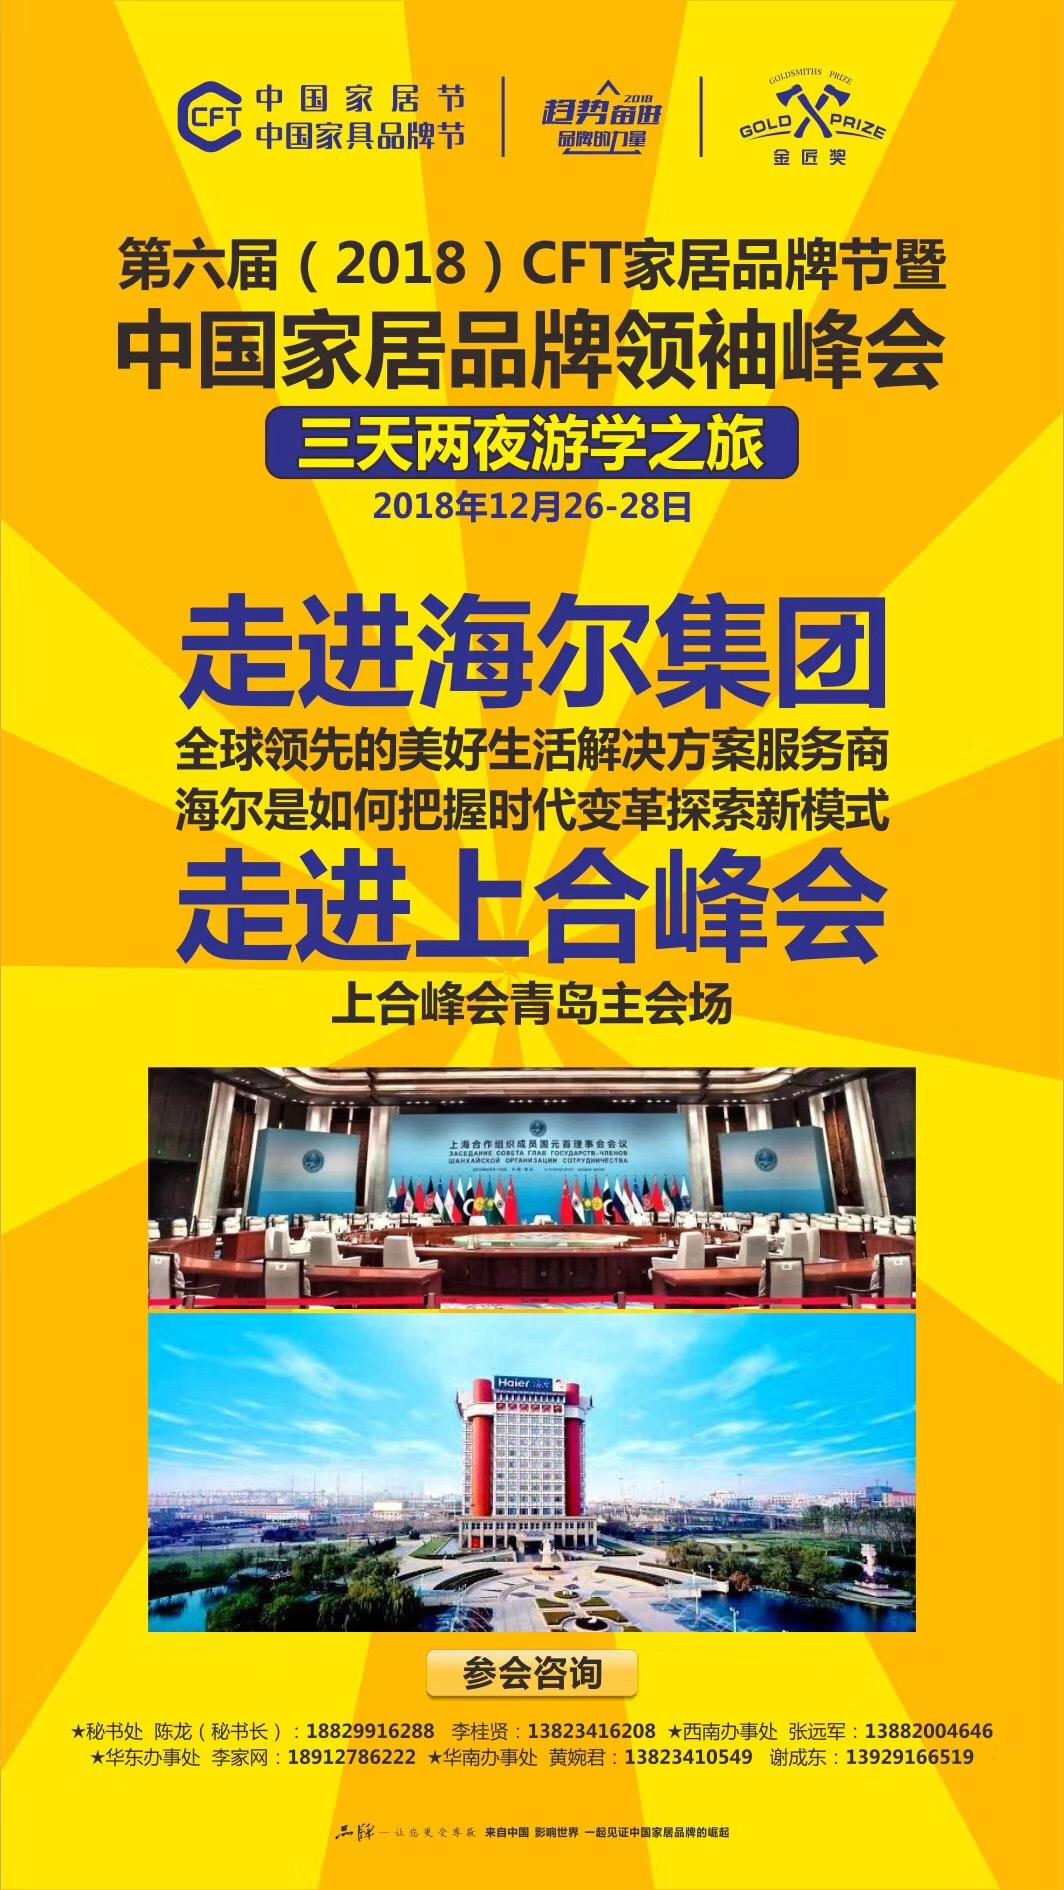 节中国家居品牌领袖峰会组委会将带领所有企业走进民族品牌:青岛海尔